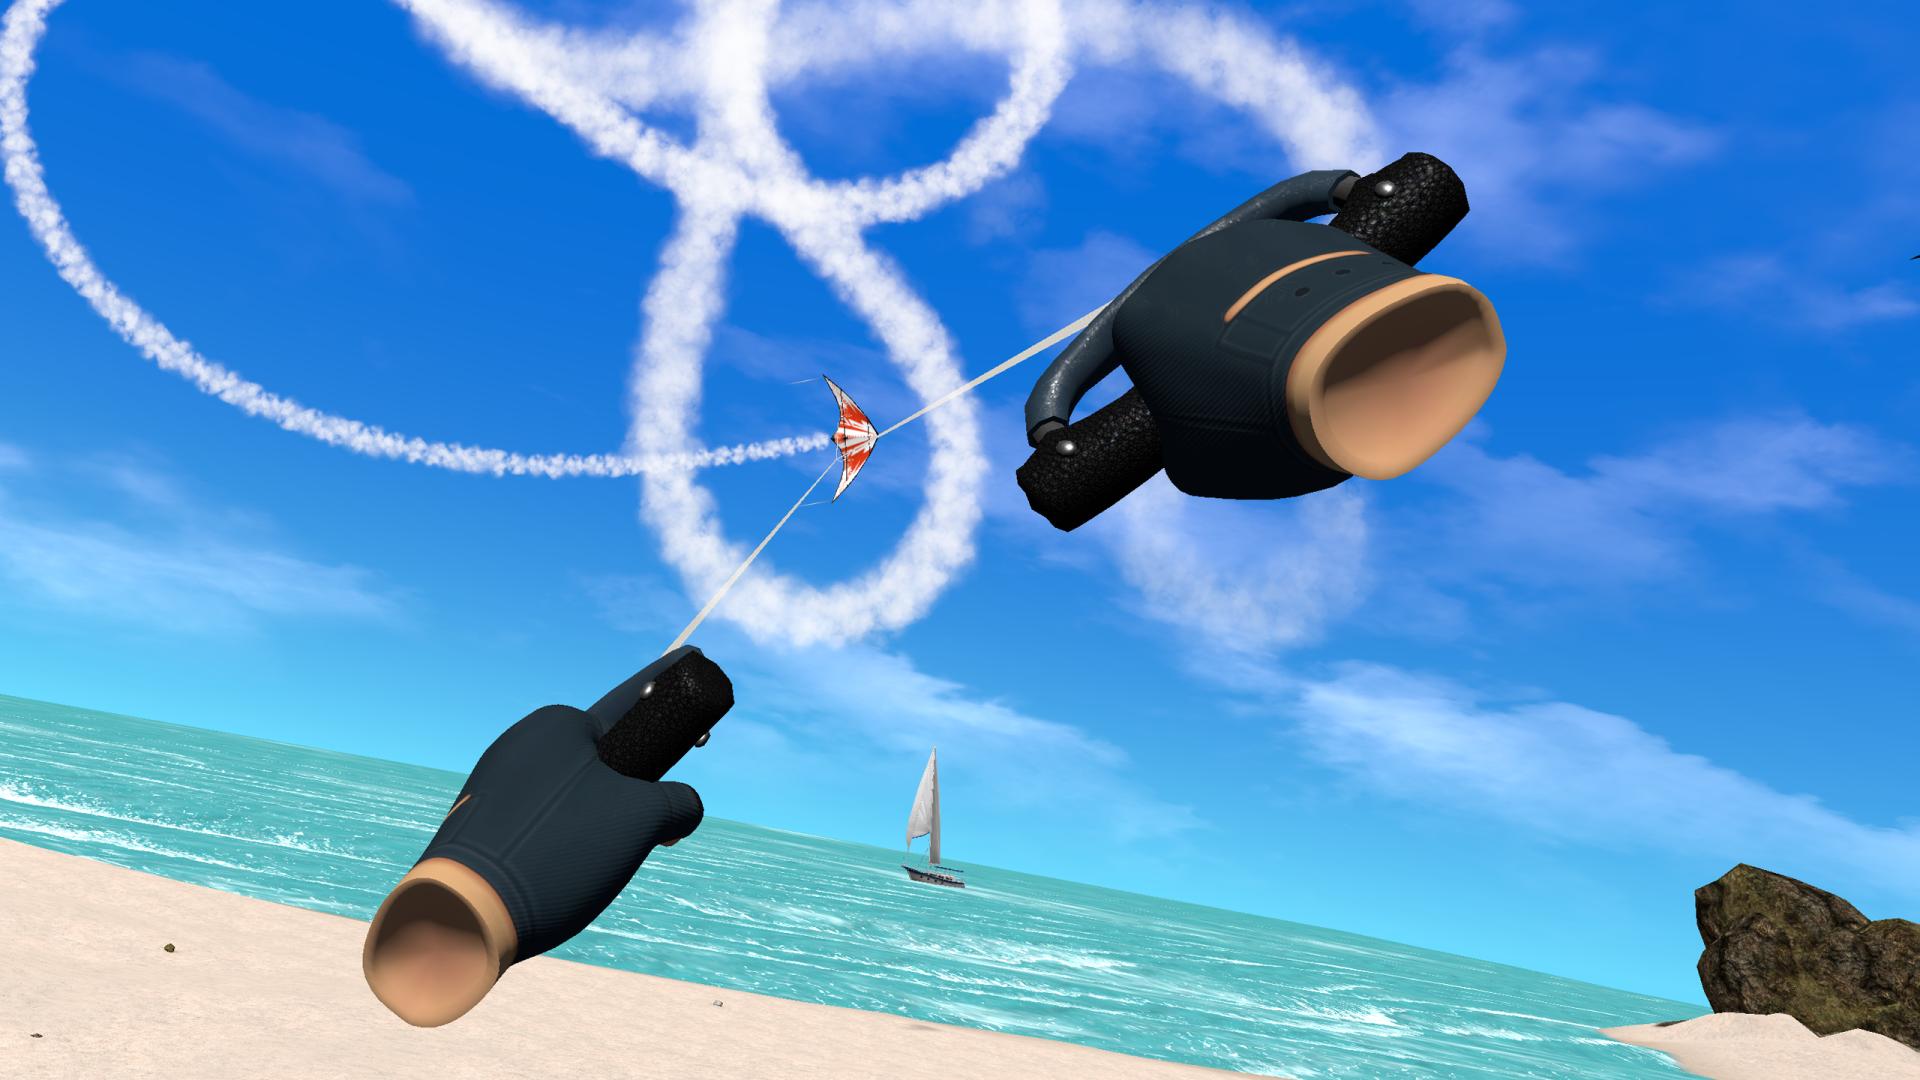 Stunt Kite Masters screenshot 1